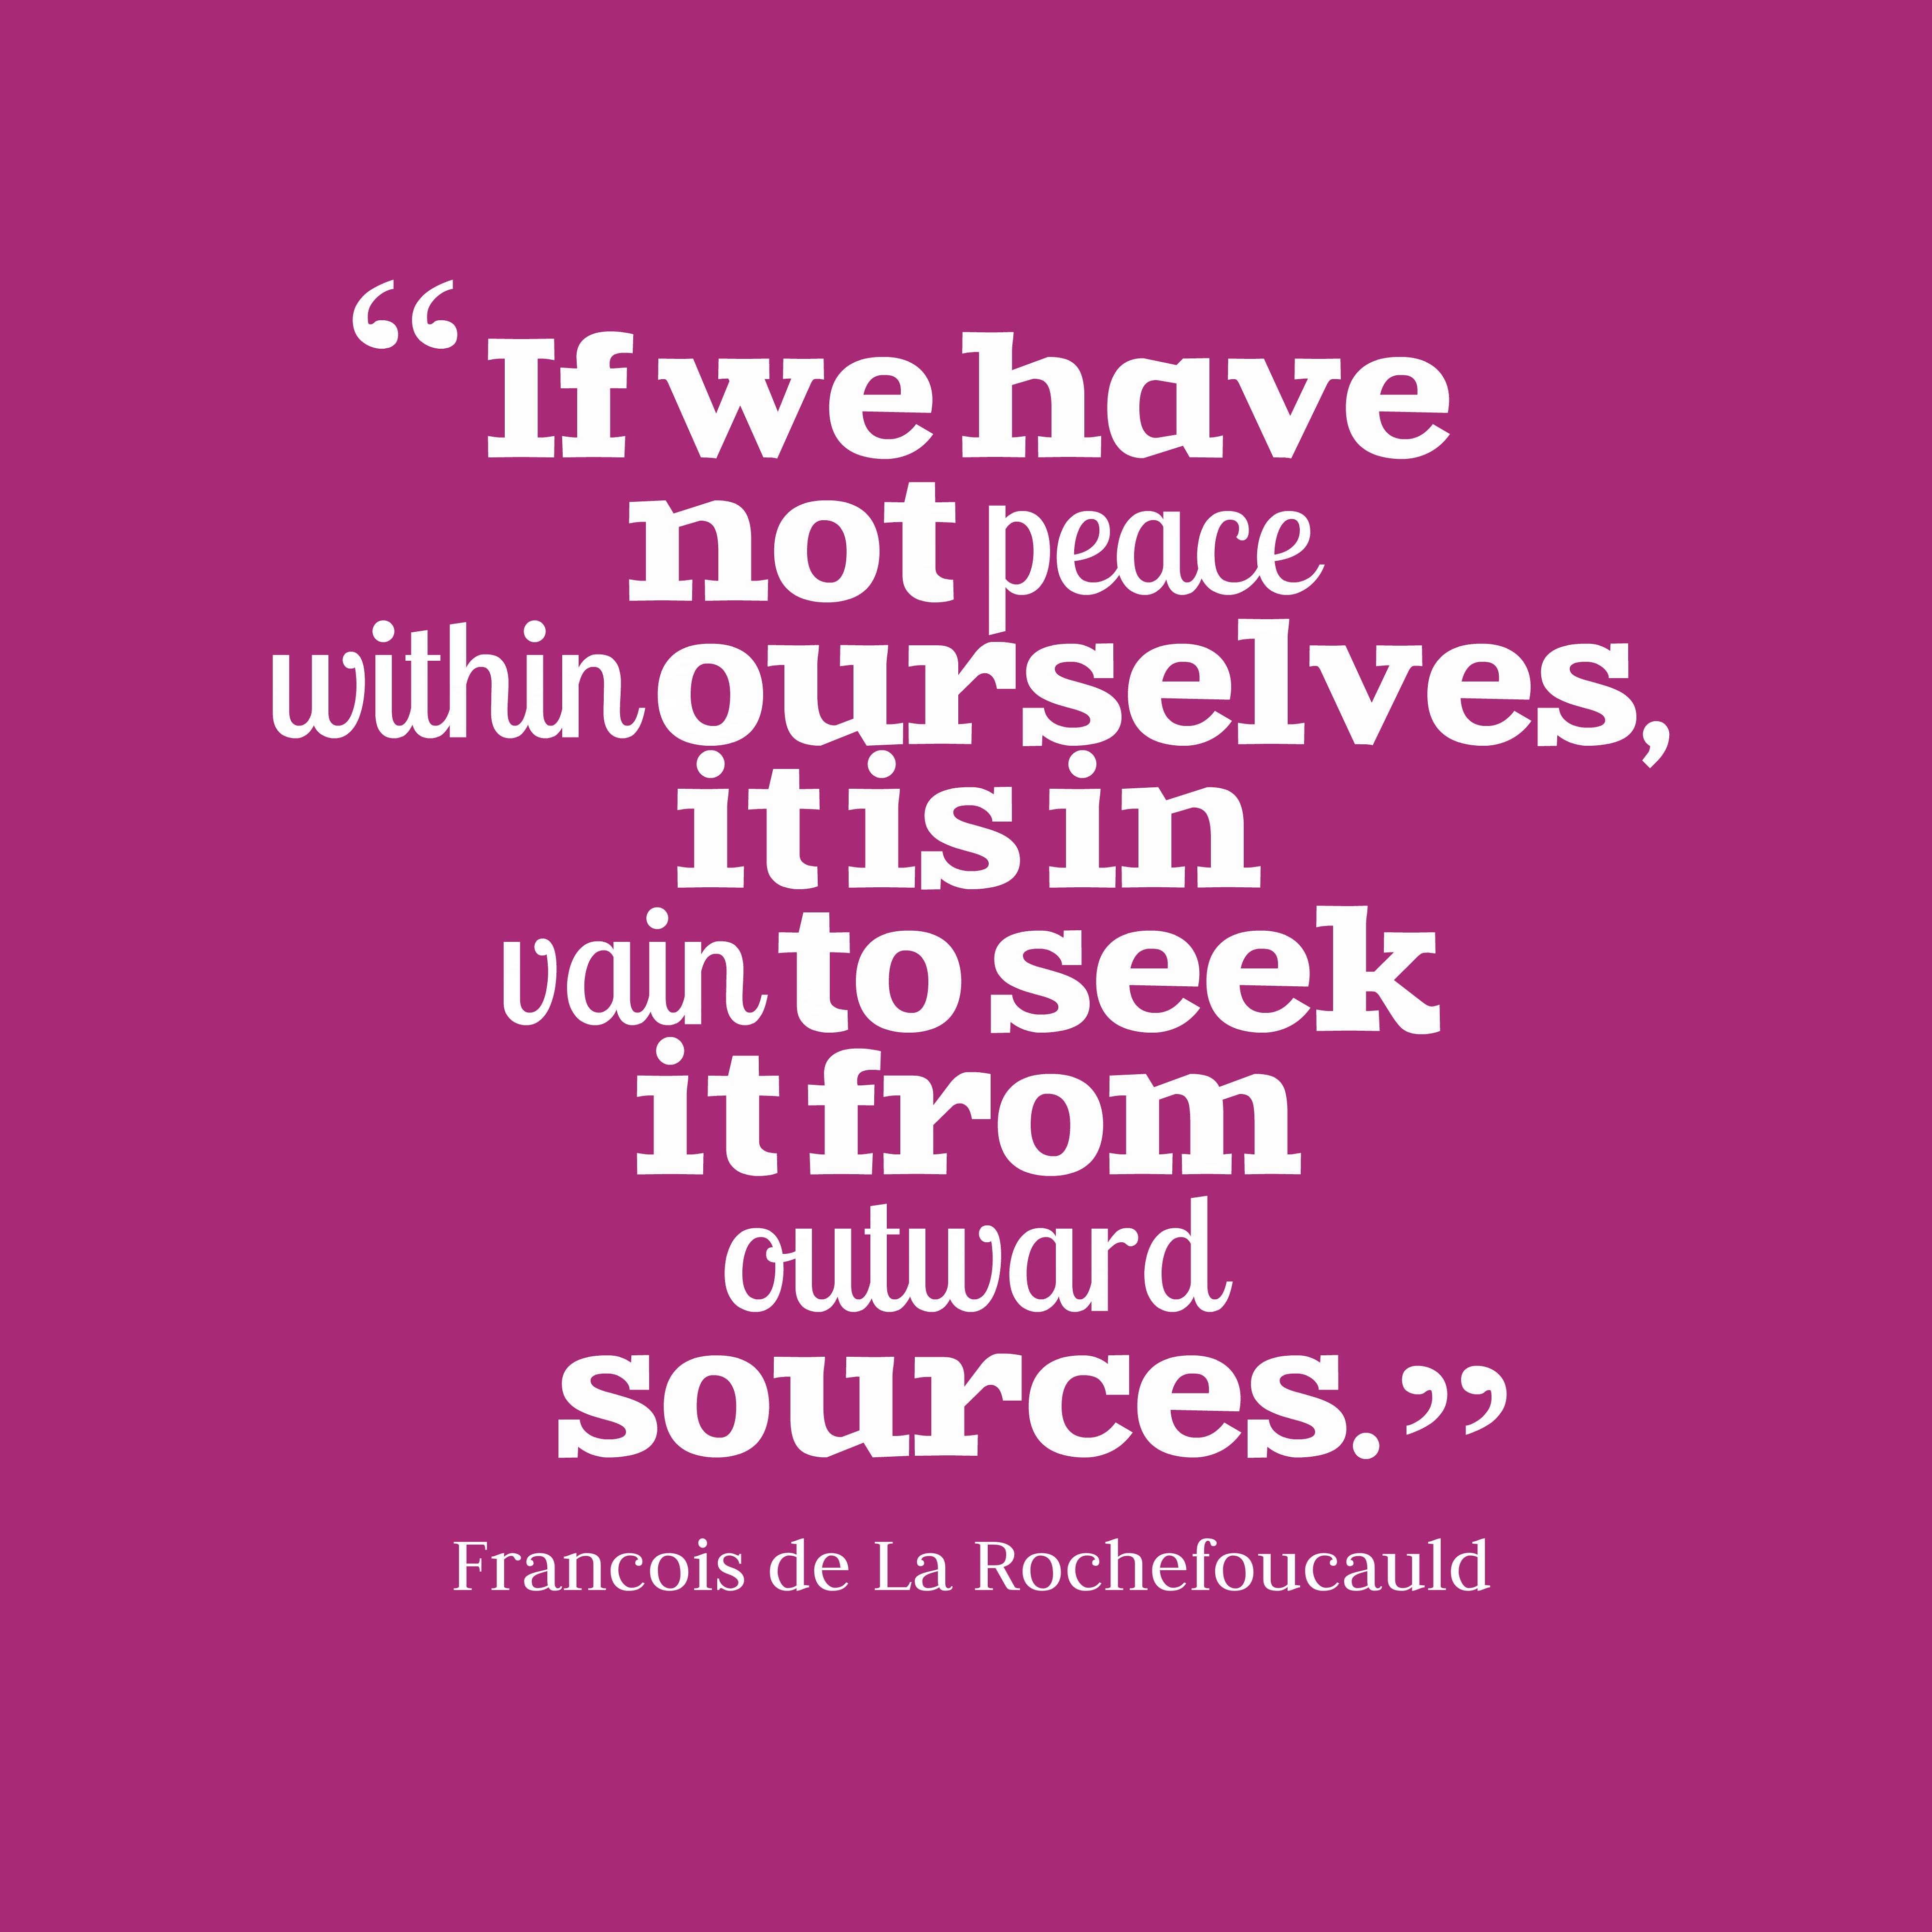 François De La Rochefoucauld Quote About Peace